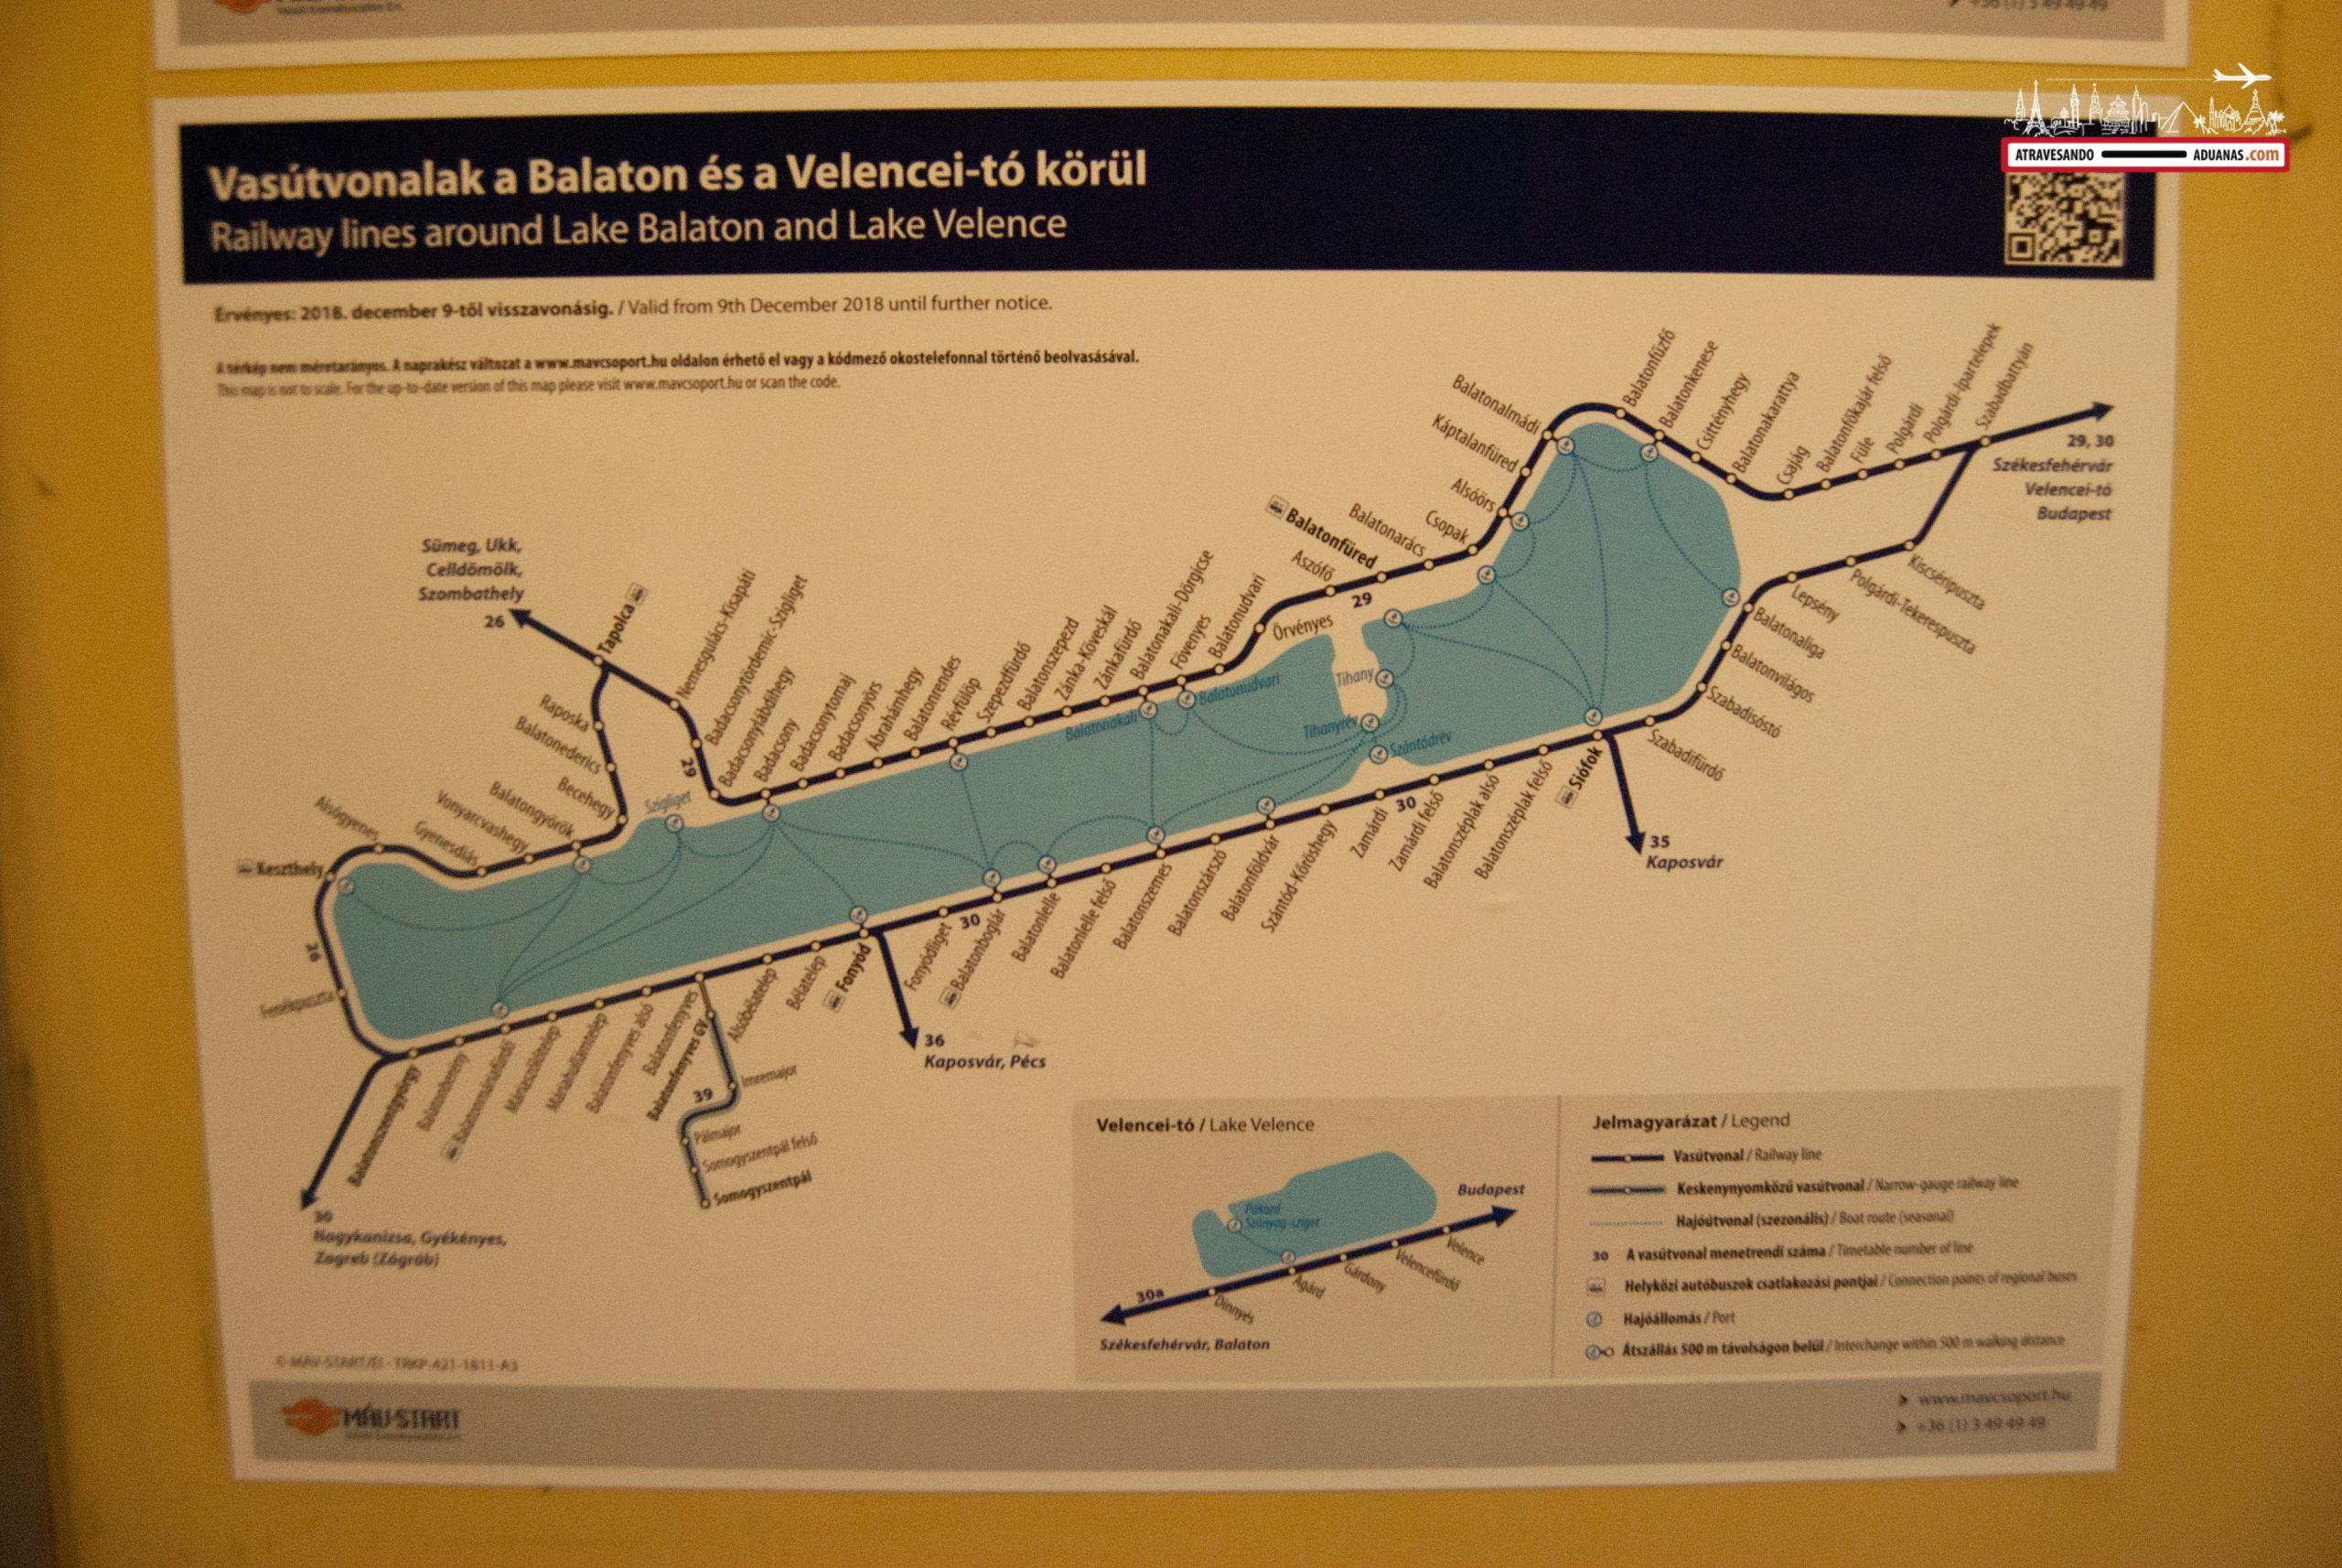 Ruta ferroviaria a través del Balaton